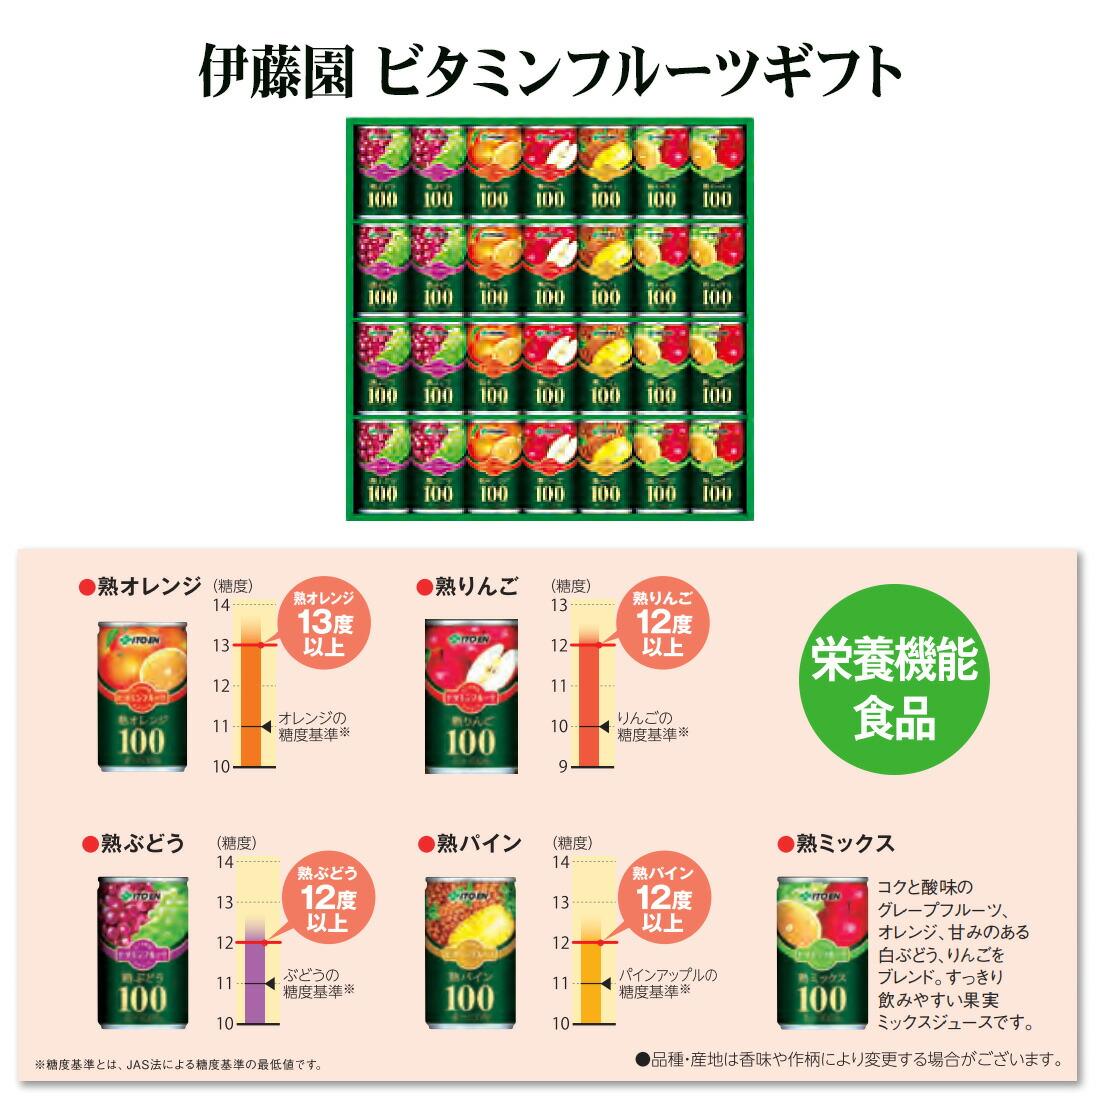 【A】伊藤園 ビタミンフルーツギフトは28缶入り 00